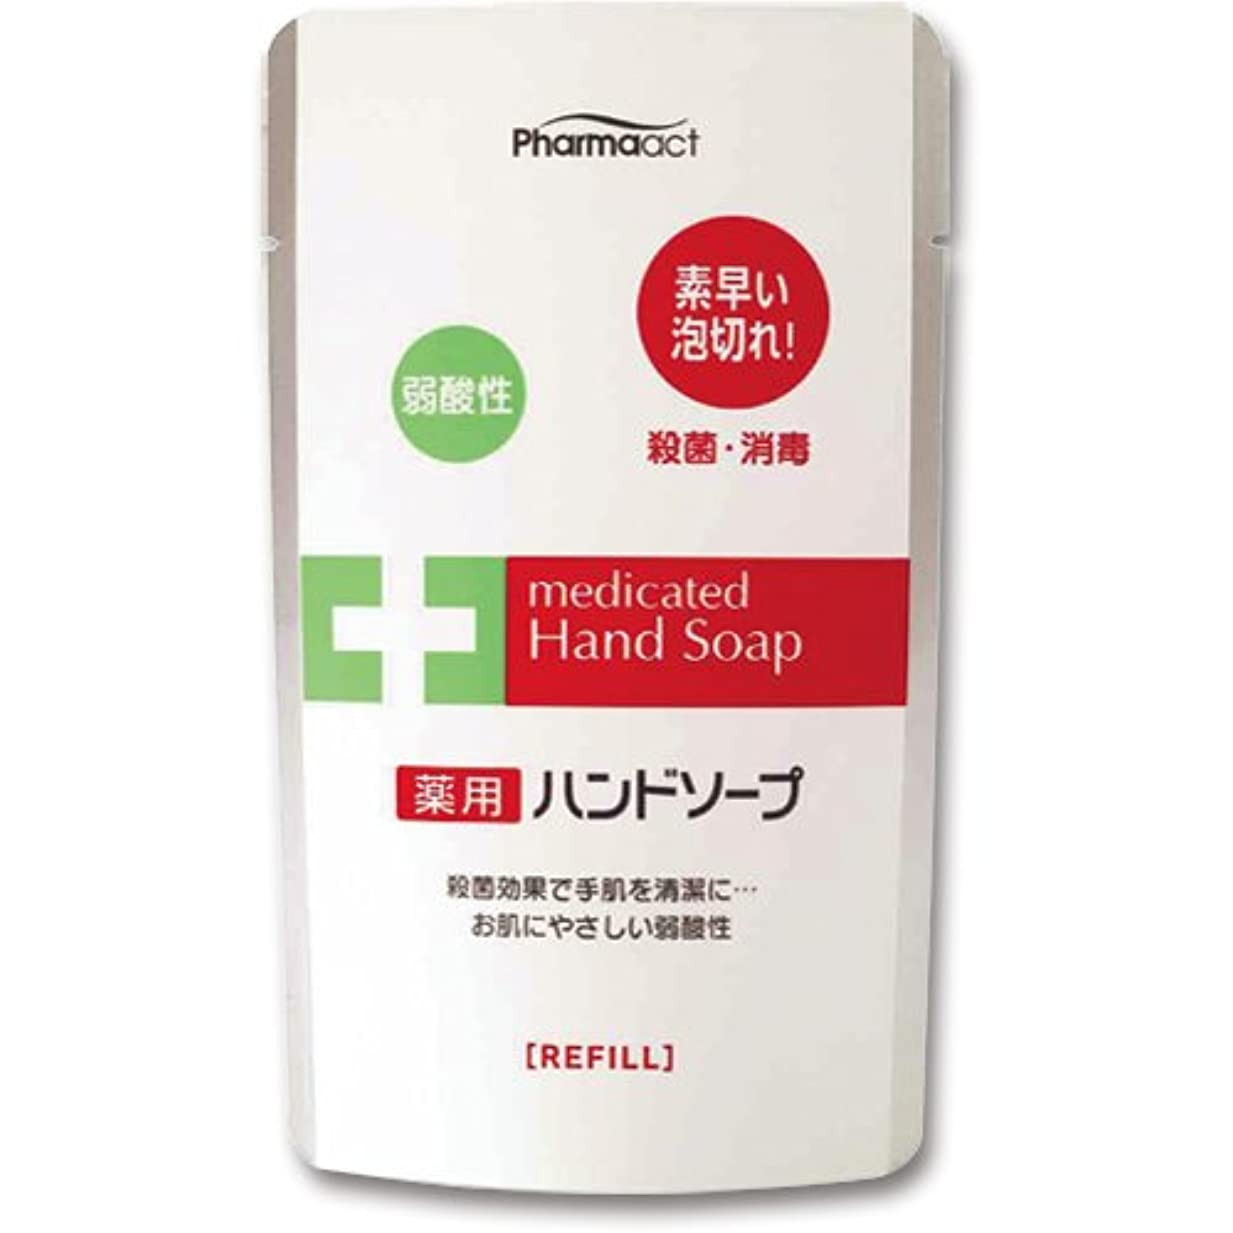 思想アロング頭痛[熊野油脂 9673892] (ケア商品)(まとめ)ファーマアクト 薬用弱酸性ハンドソープ 詰替用 200ml×48パック